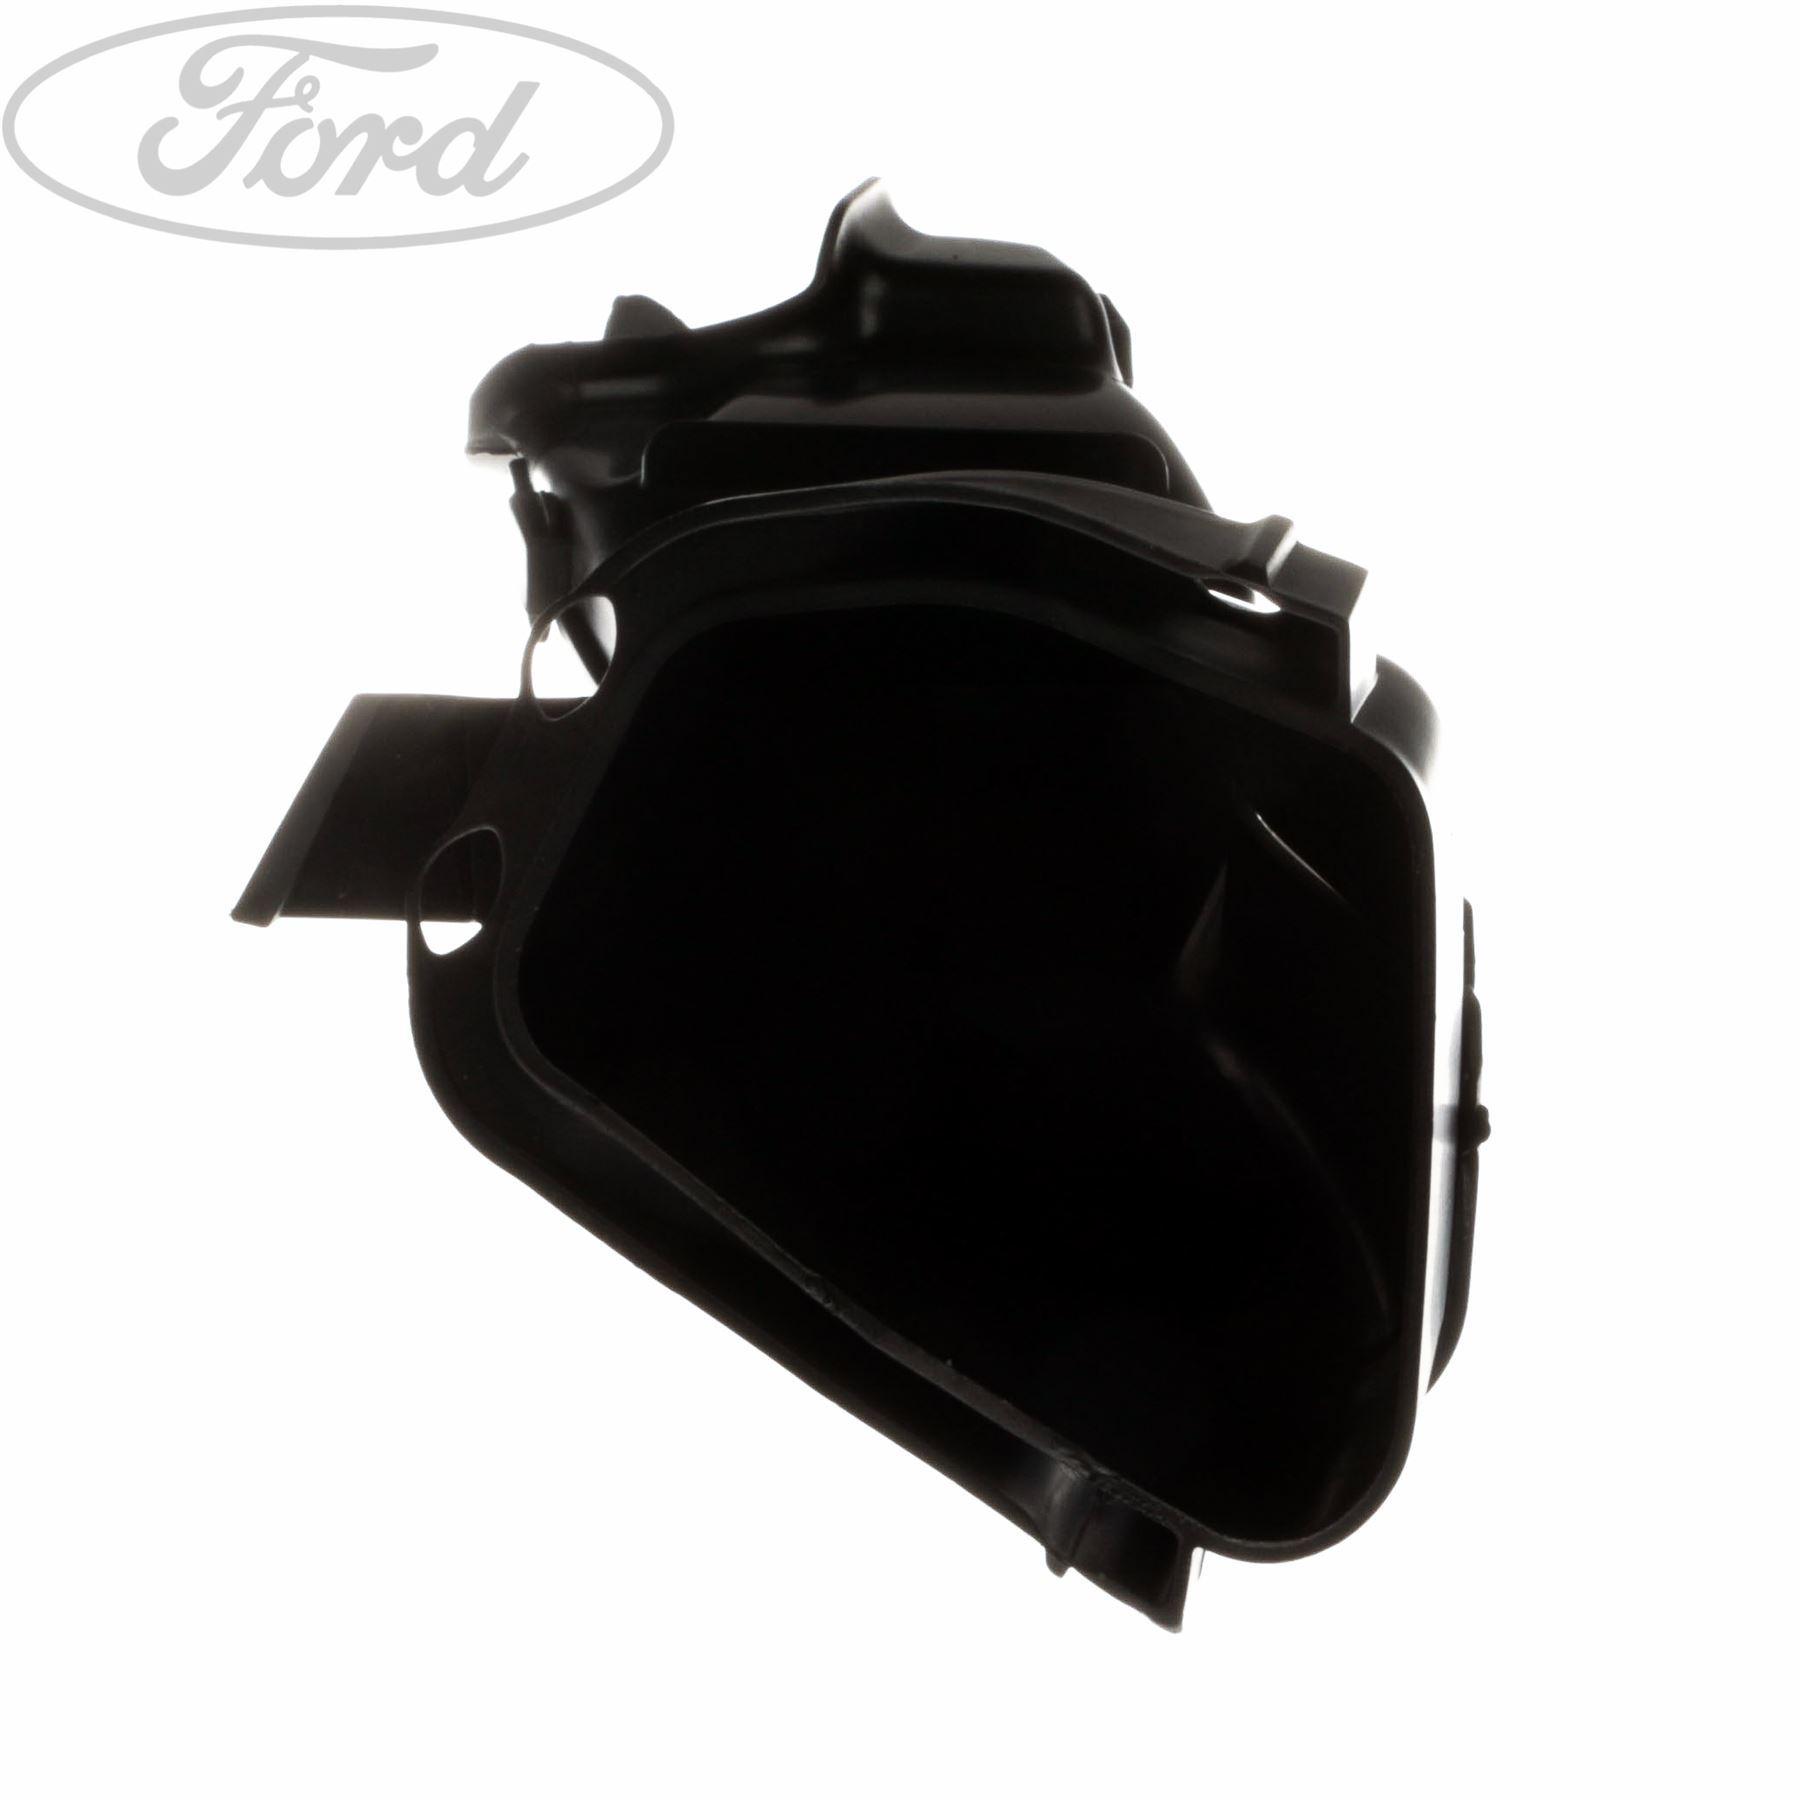 Air Filter Boxes Genuine Ford Mondeo MK4 Galaxy S-Max WA6 Air Box ...